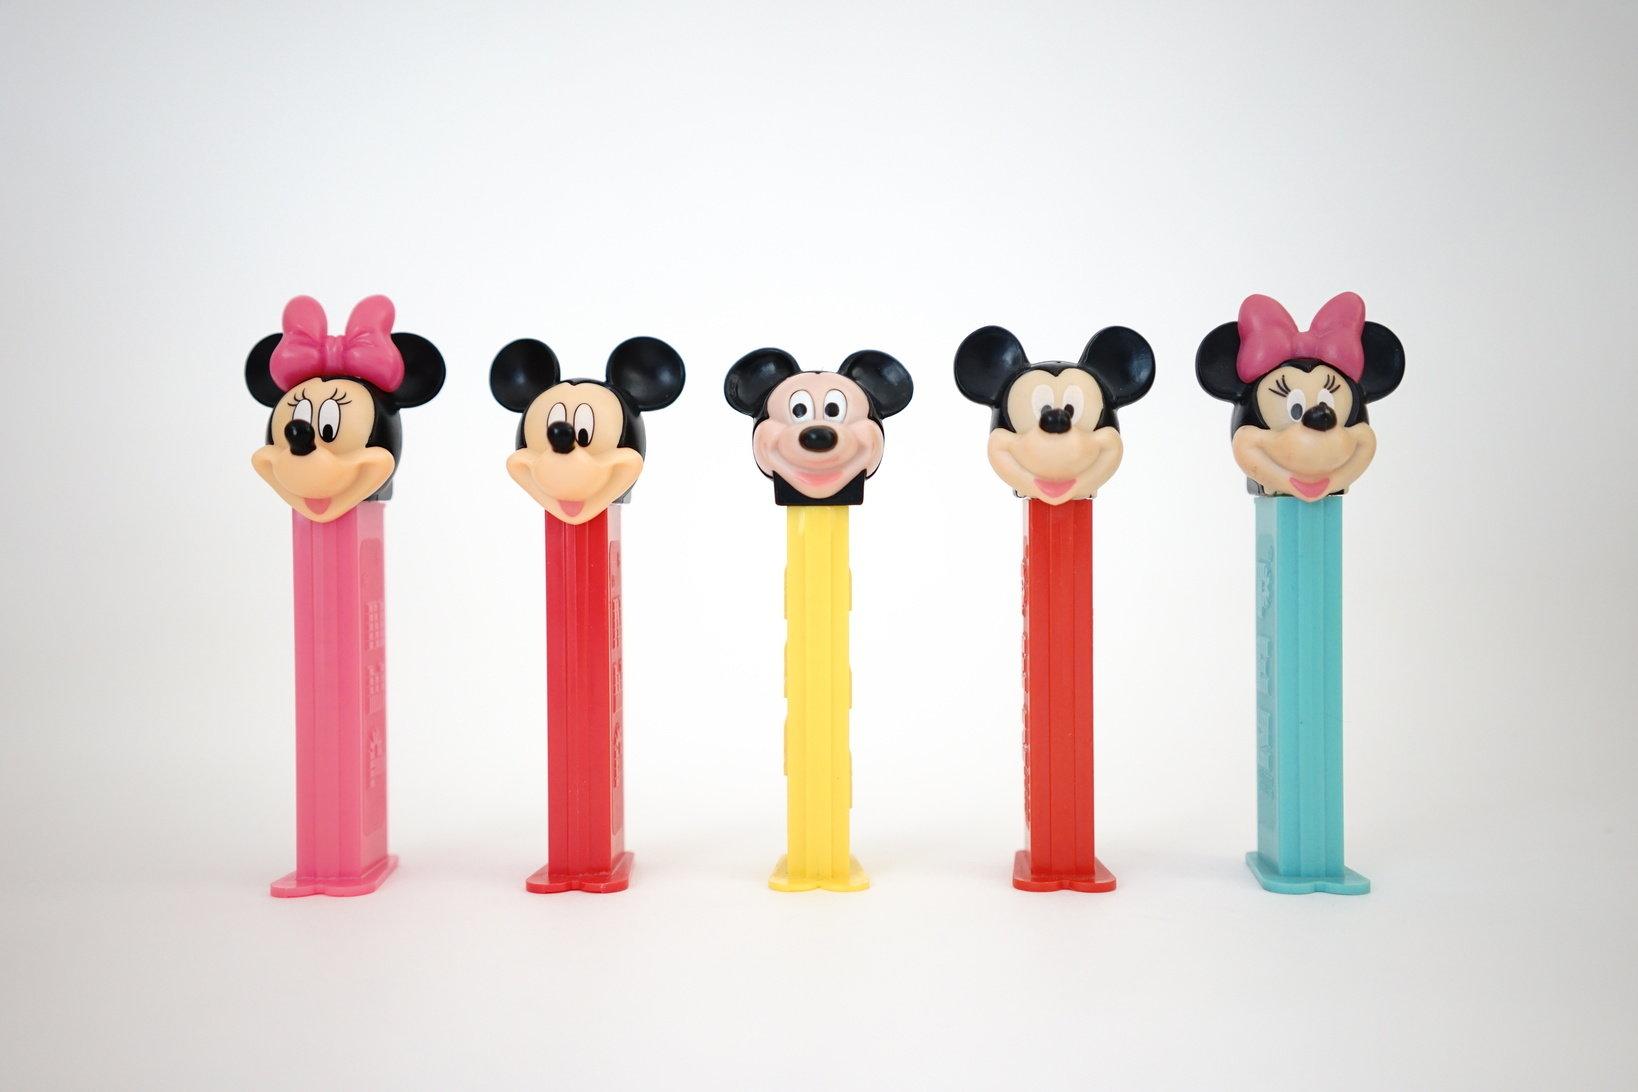 (左から)ミニー、ミッキー、ミッキー、ミッキー、ミニー